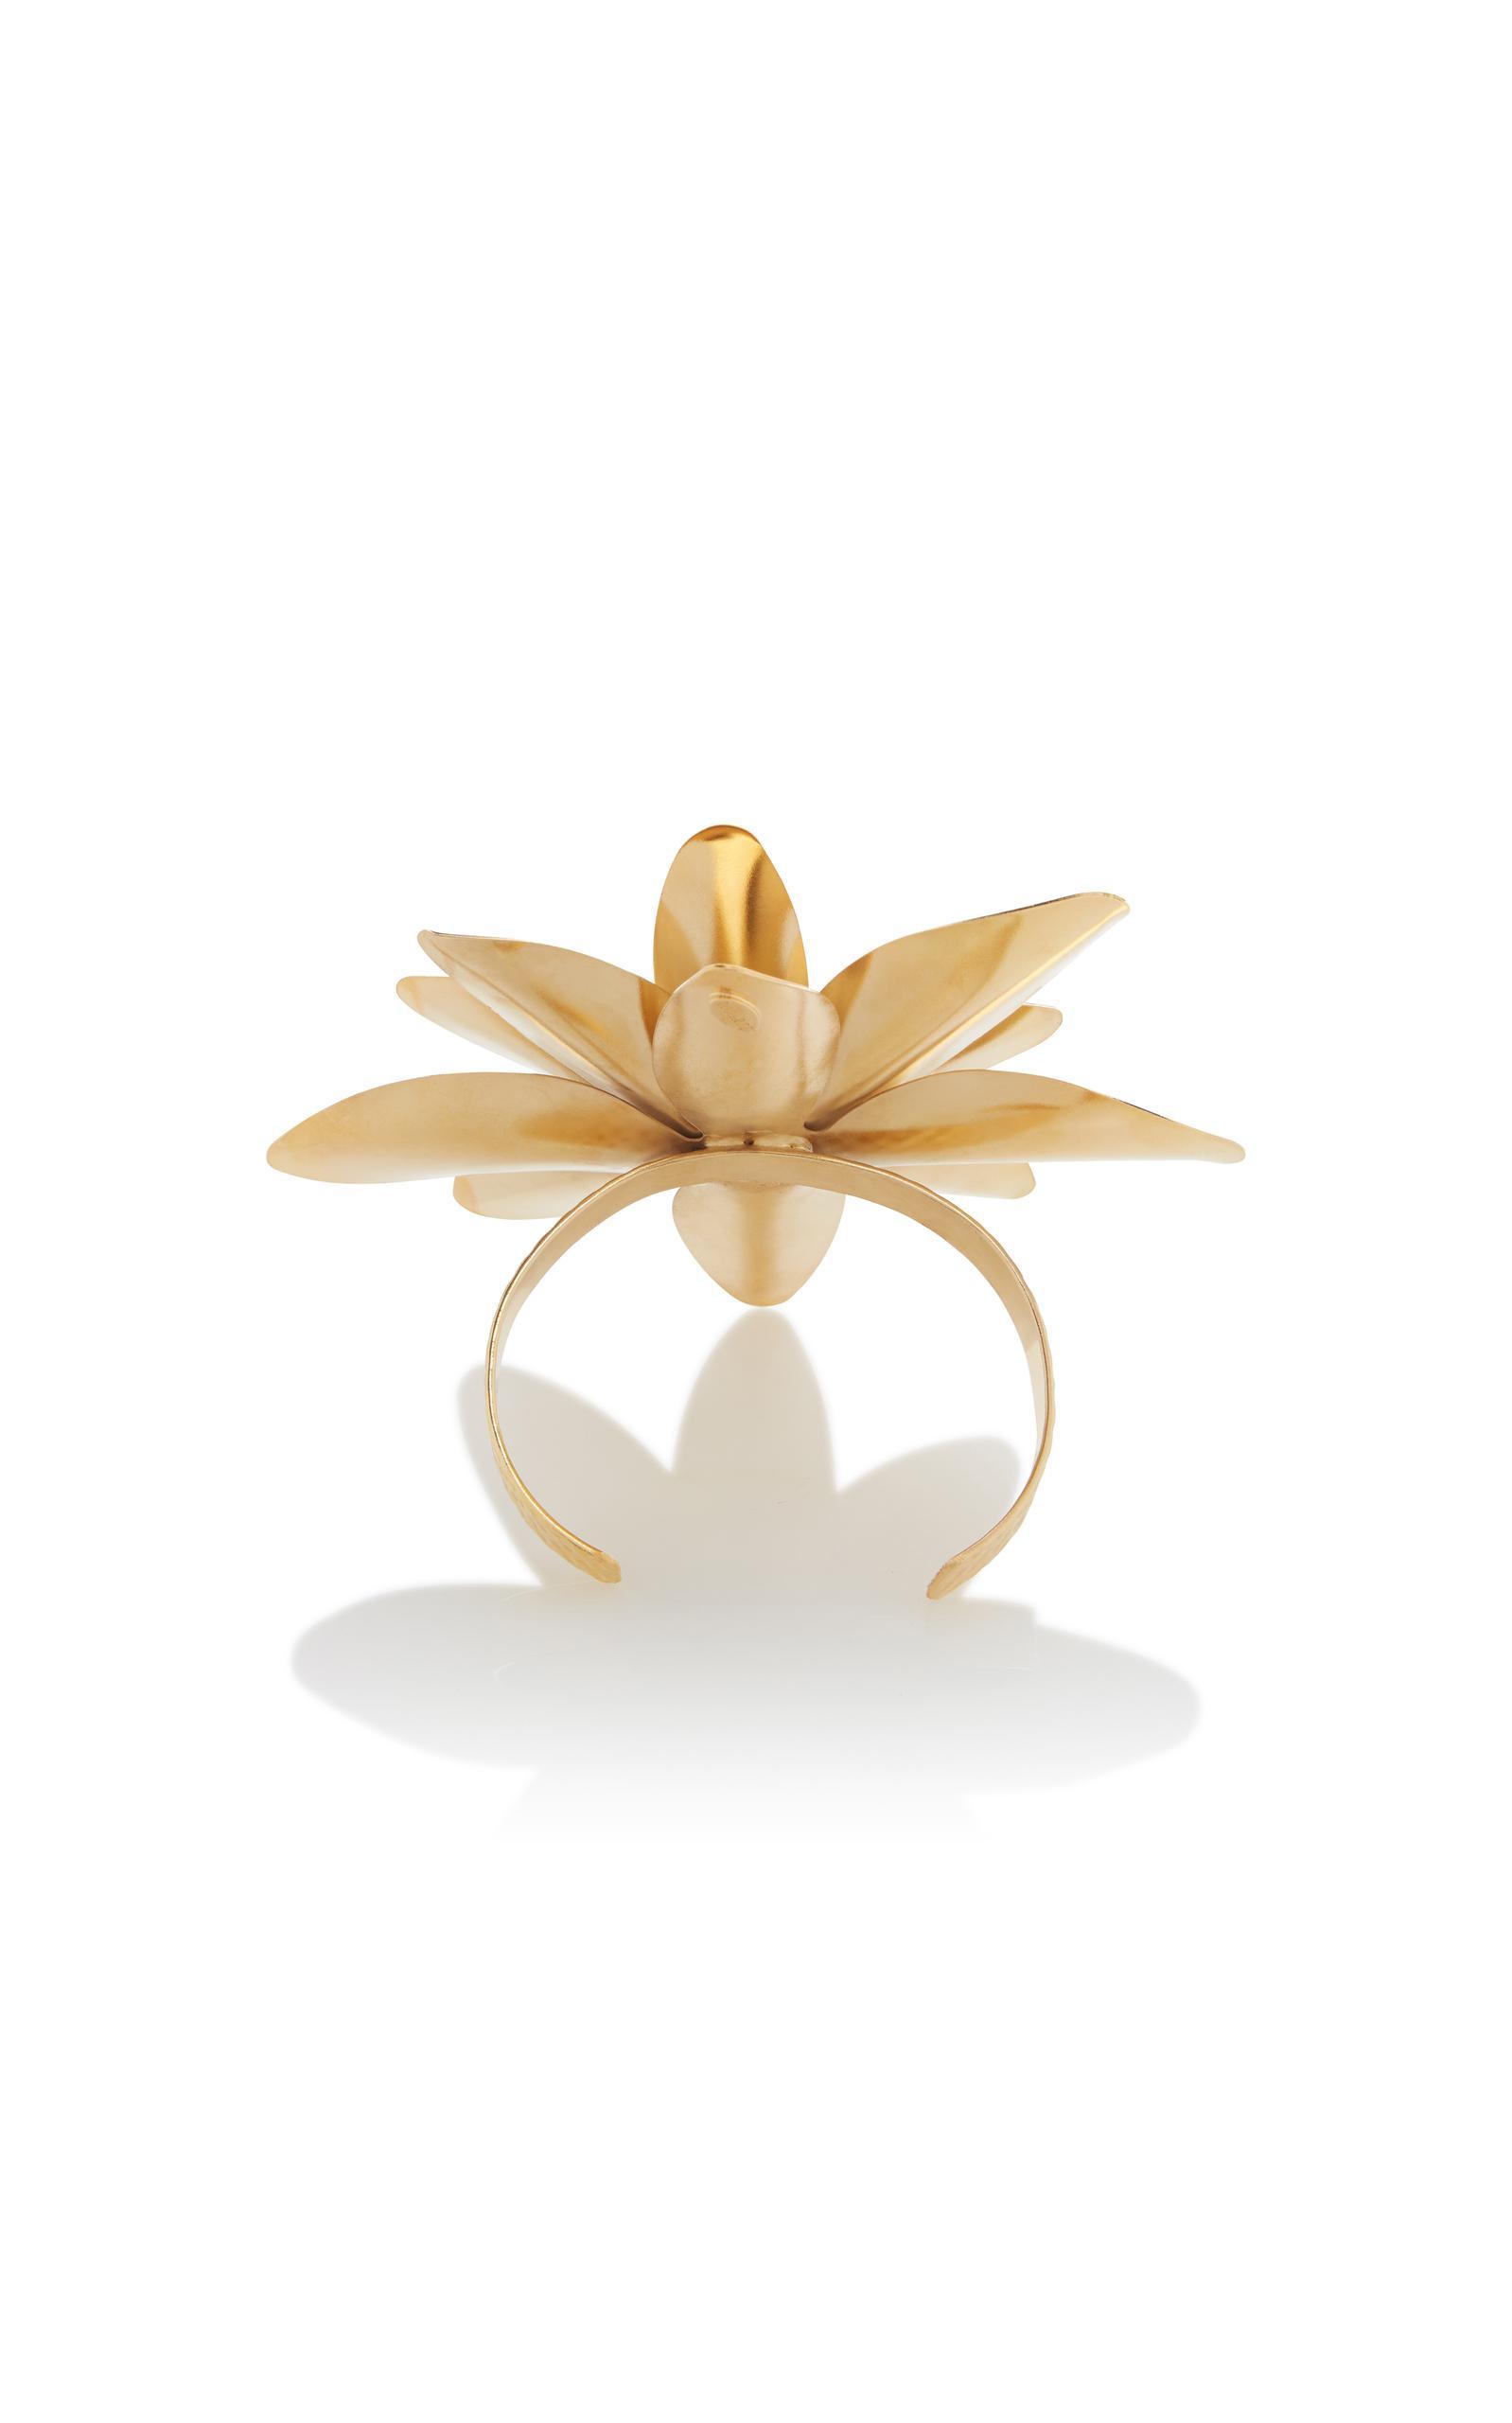 Gold Lotus Flower Arm Cuff with Swarovski Crystal Detail Rodarte FS0xM6im